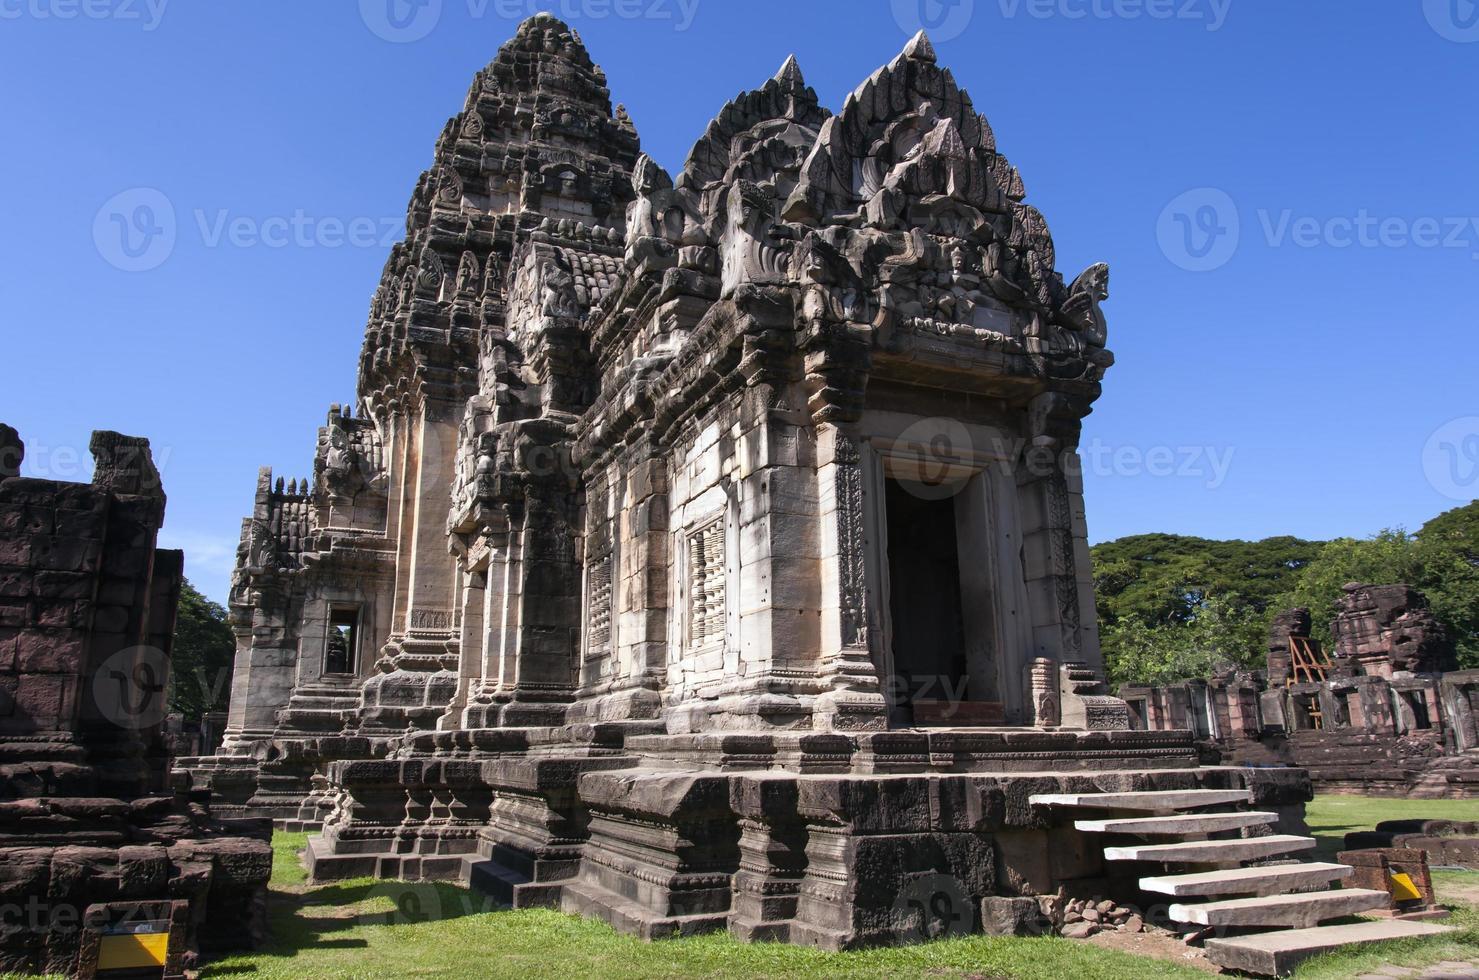 il prang principale, torre principale nel parco storico di phimai, Tailandia foto